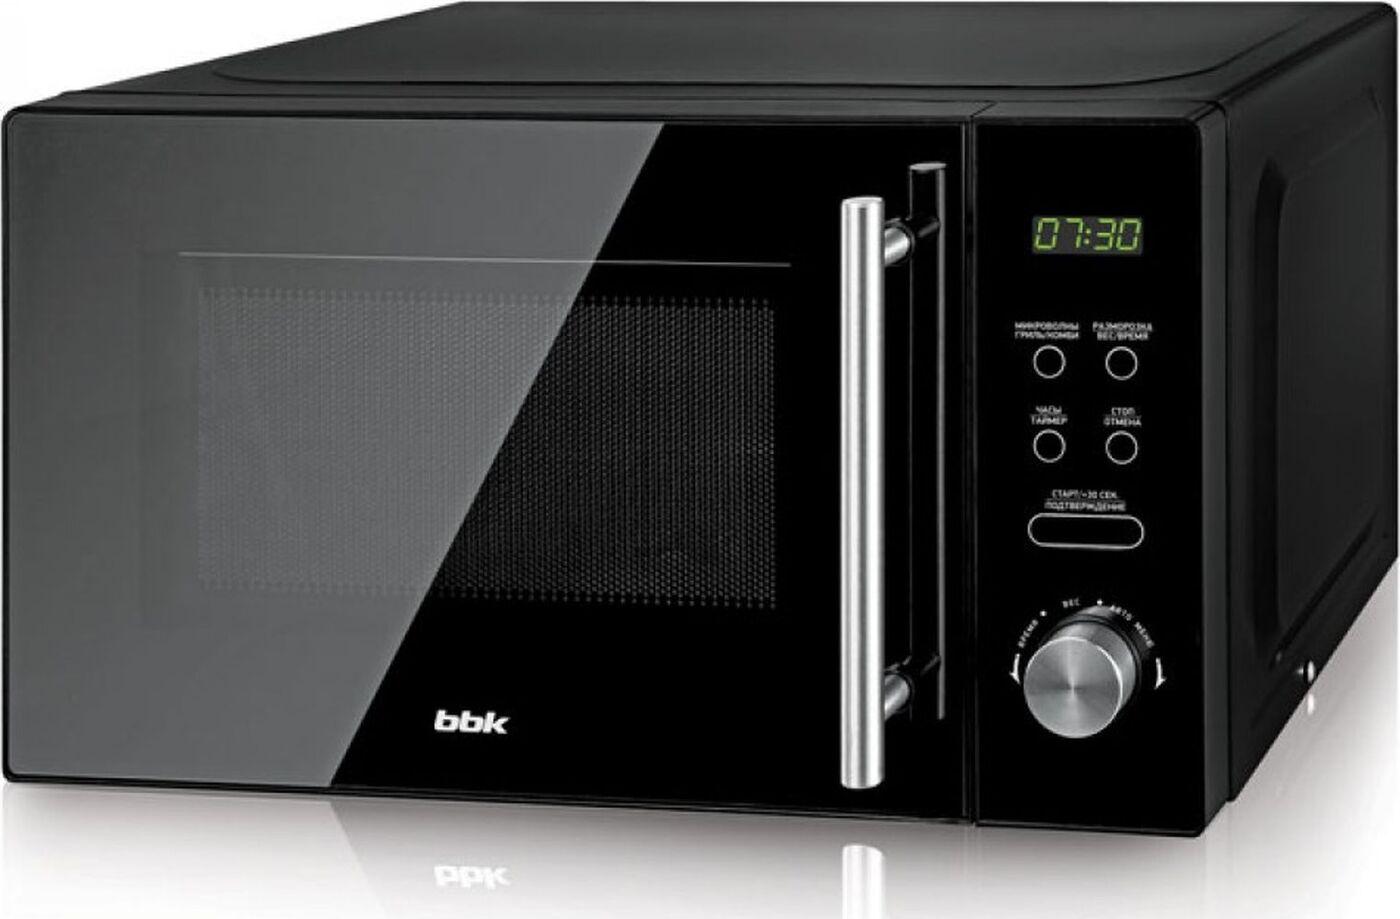 Микроволновая печь BBK 20MWG-732T/B-M, черный